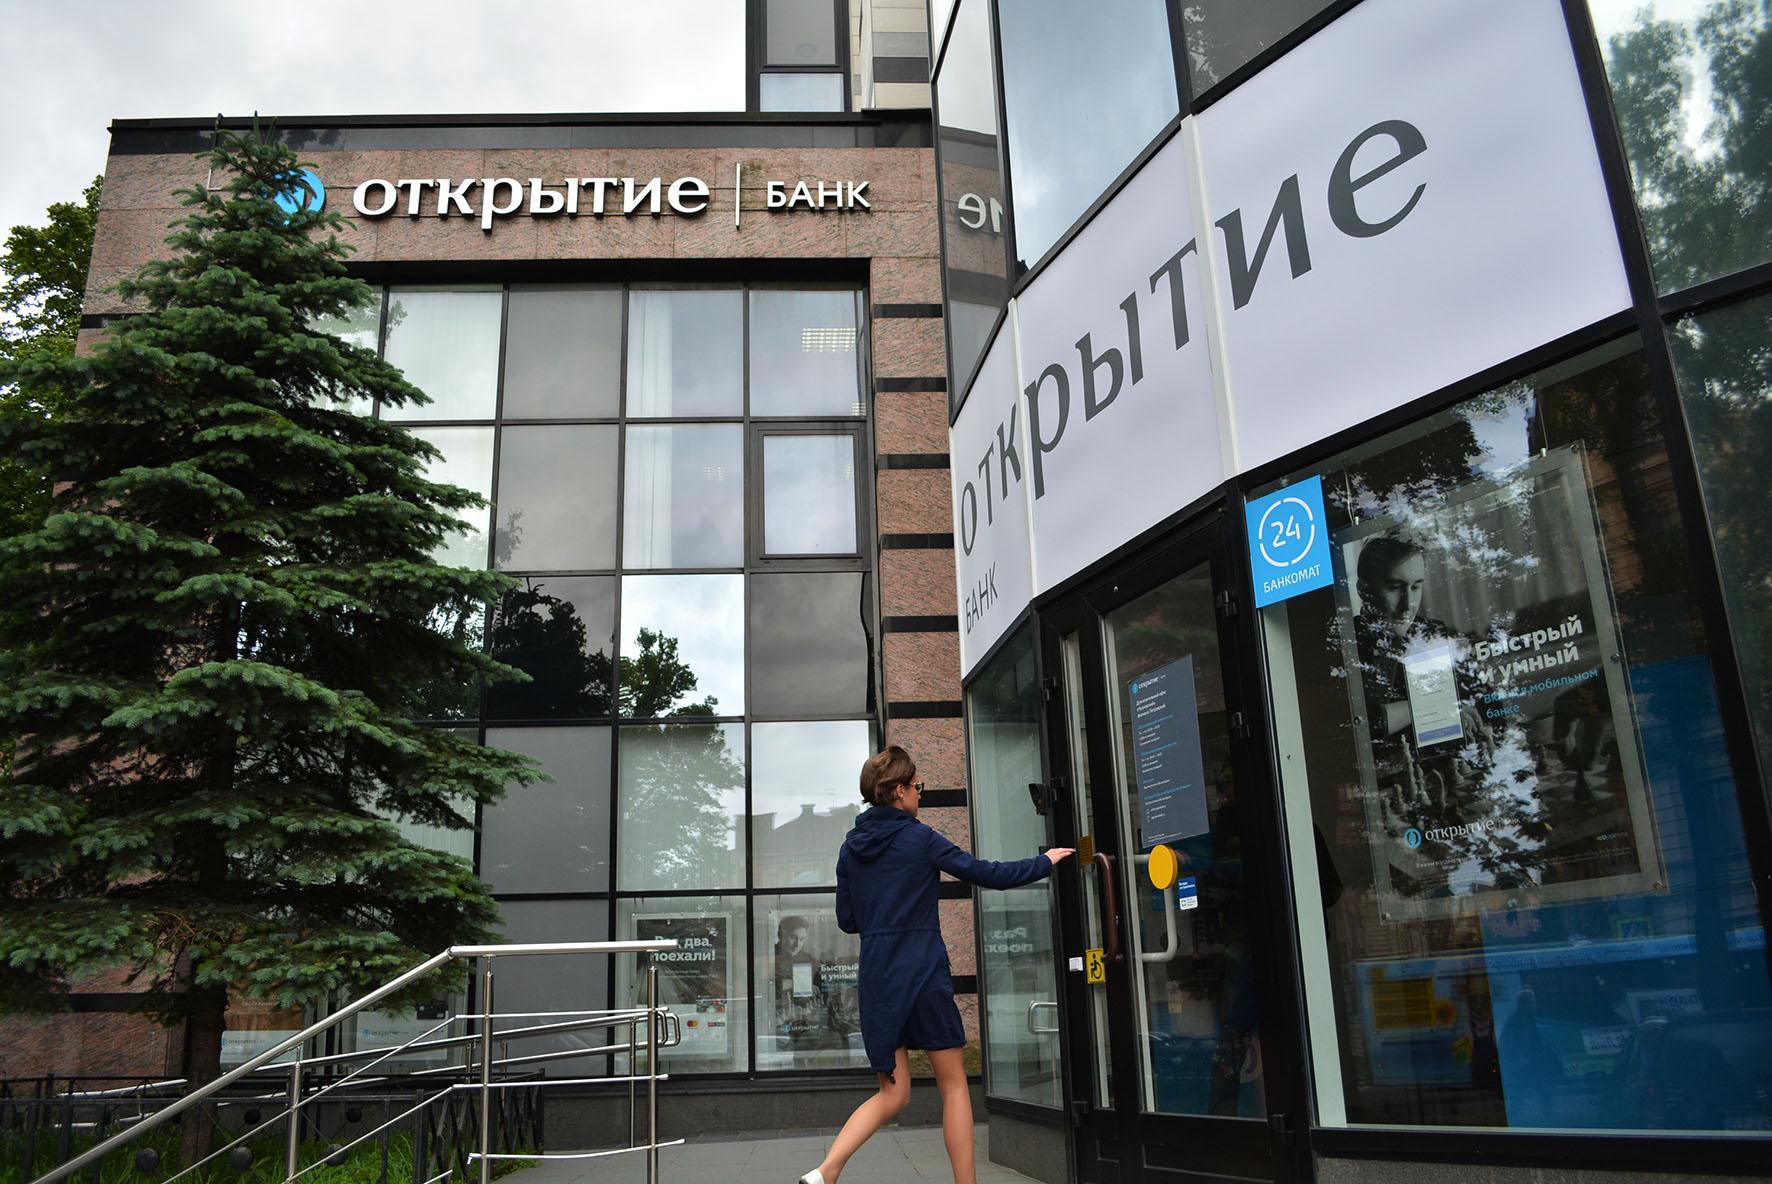 Банк «Открытие» выплатил 70% общей суммы страхового возмещения вкладчикам банка «Нейва» - новости Афанасий